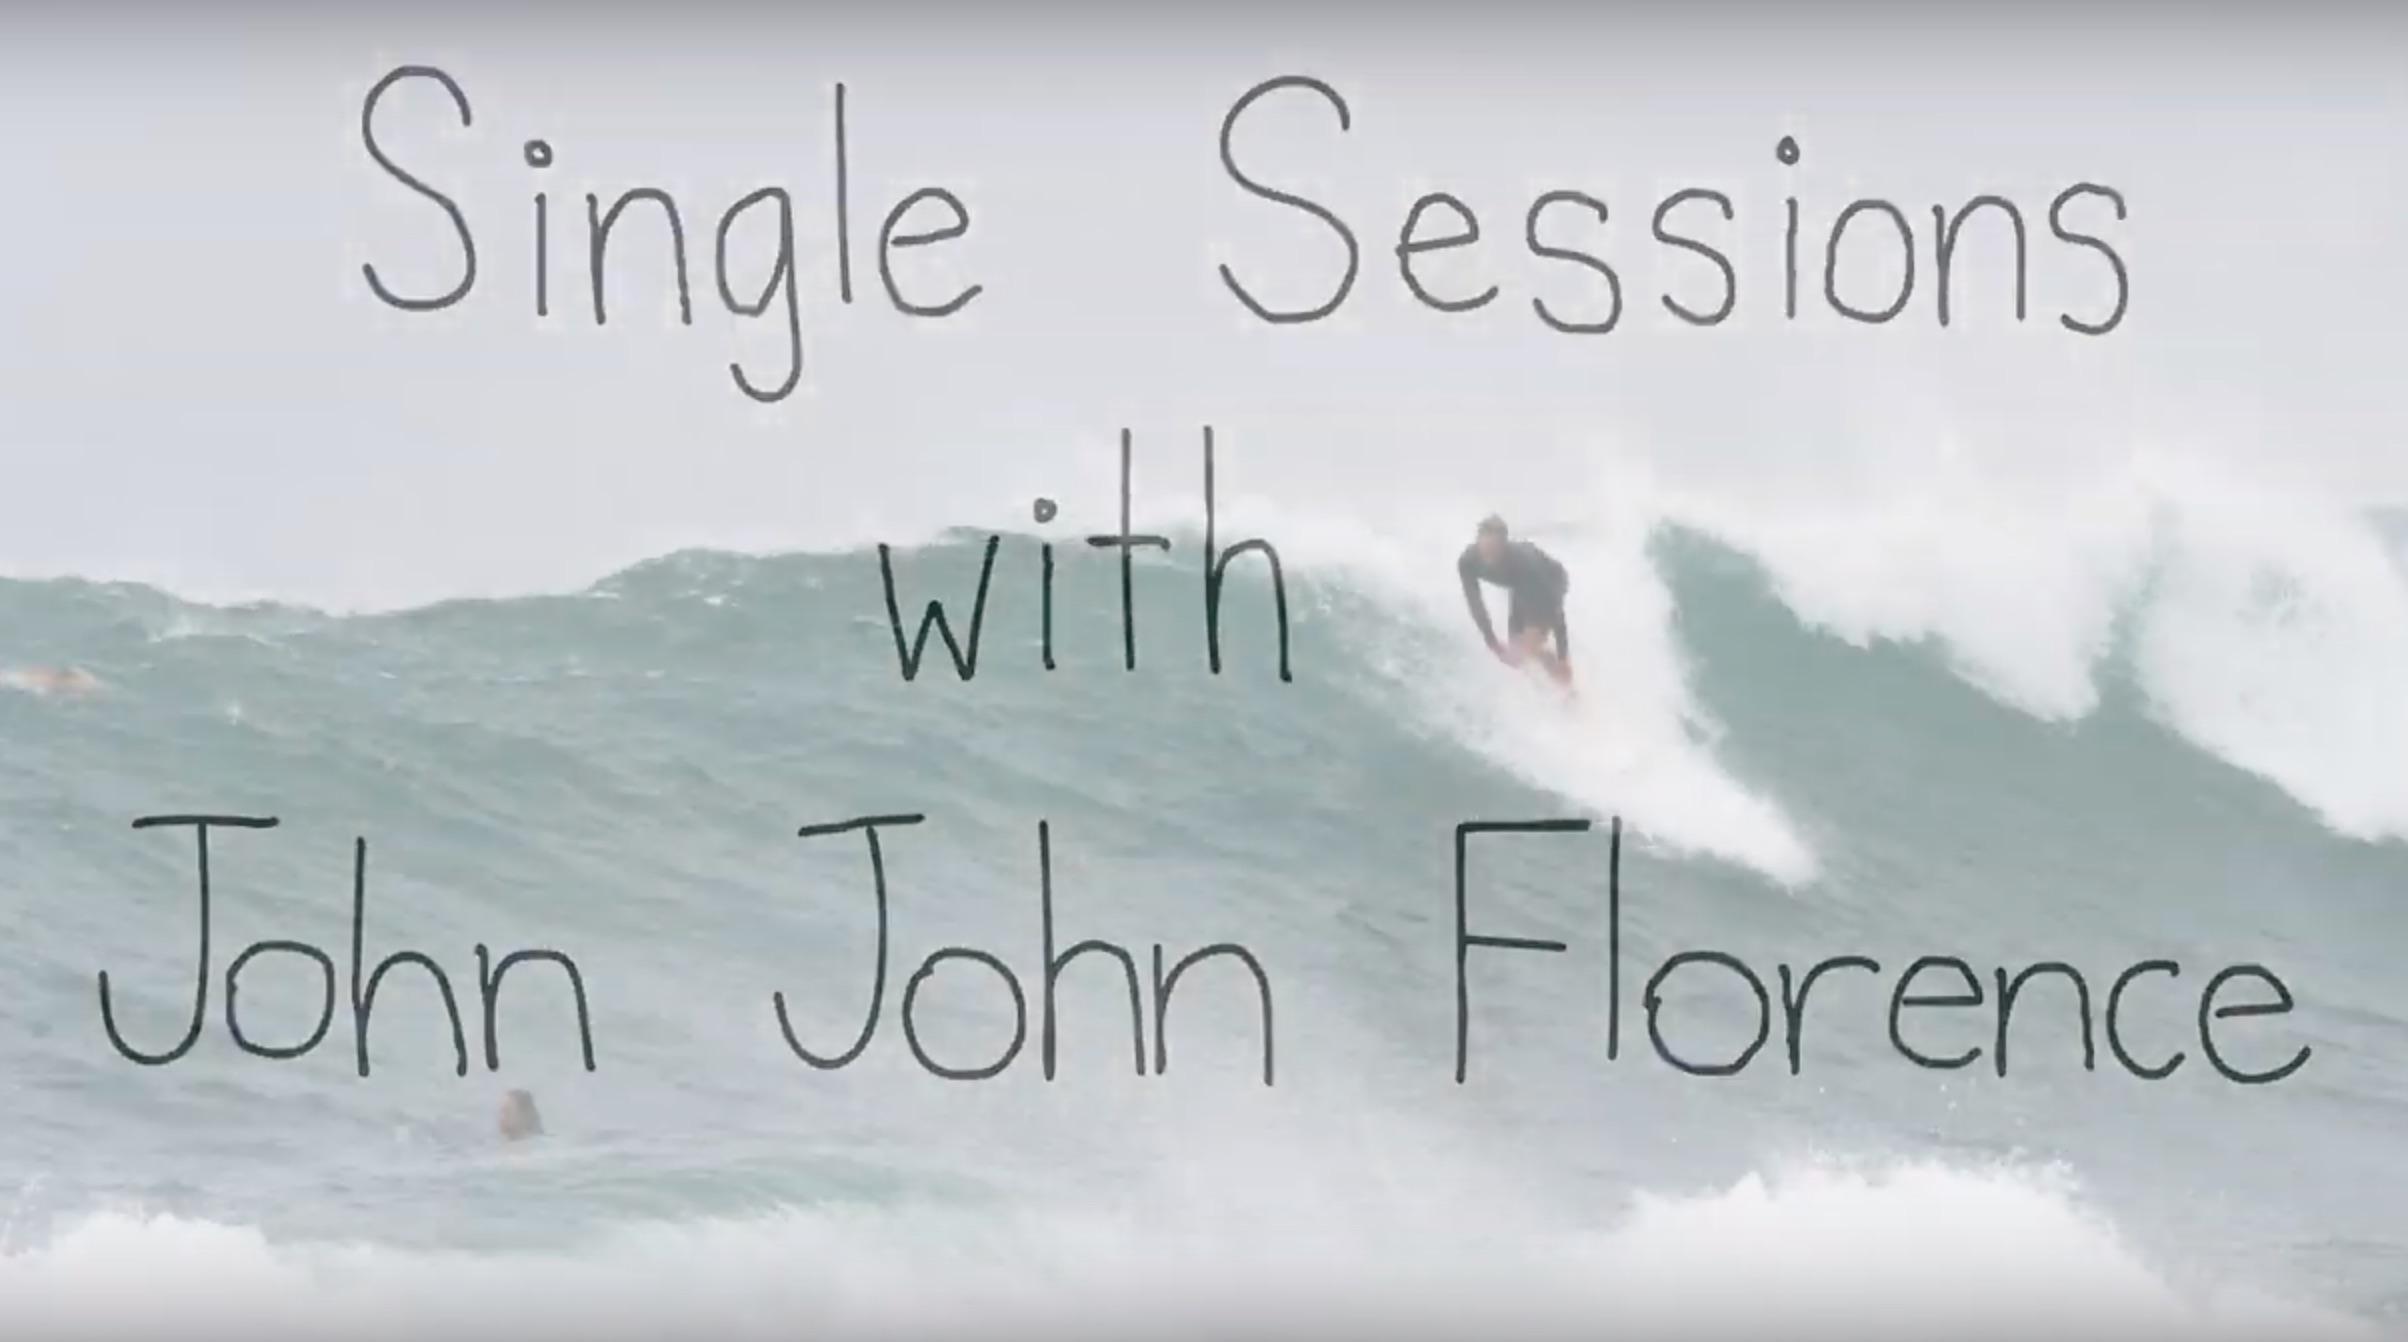 【鬼必見動画】John John、Nathan、Ivan FlorenceにKiron Jabourによるハレイワ・フリーセッション